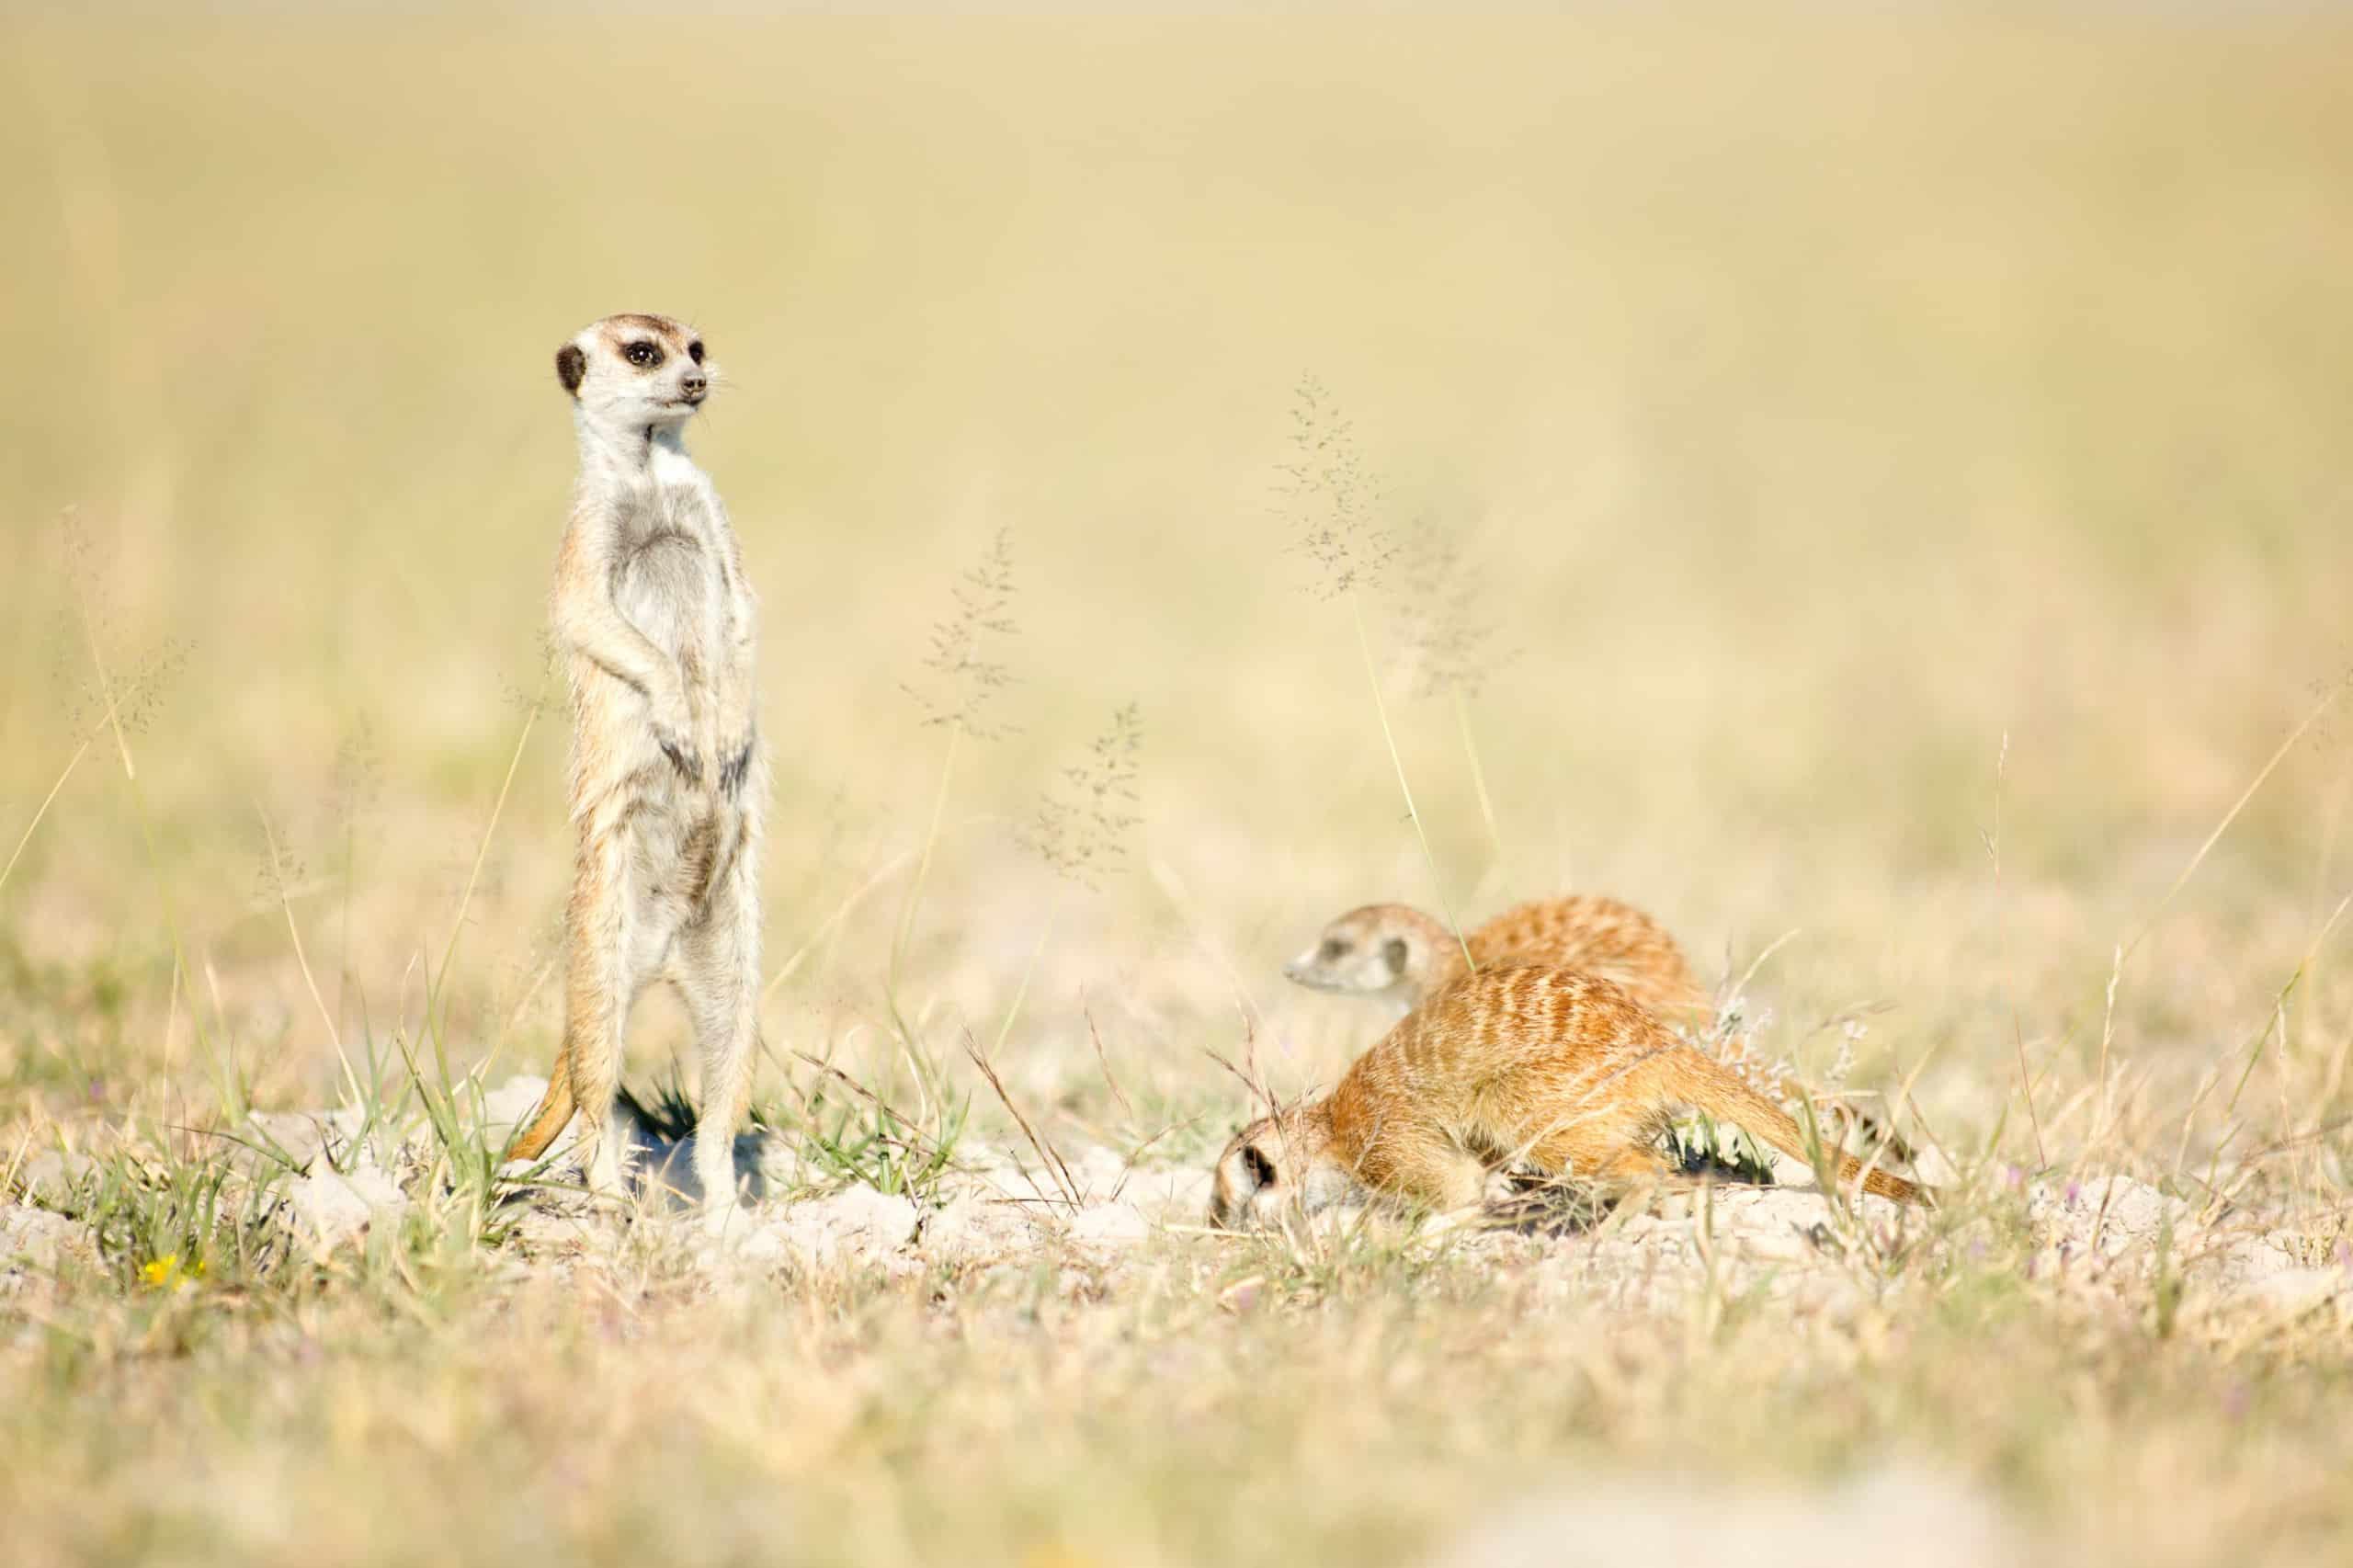 When to visit Botswana